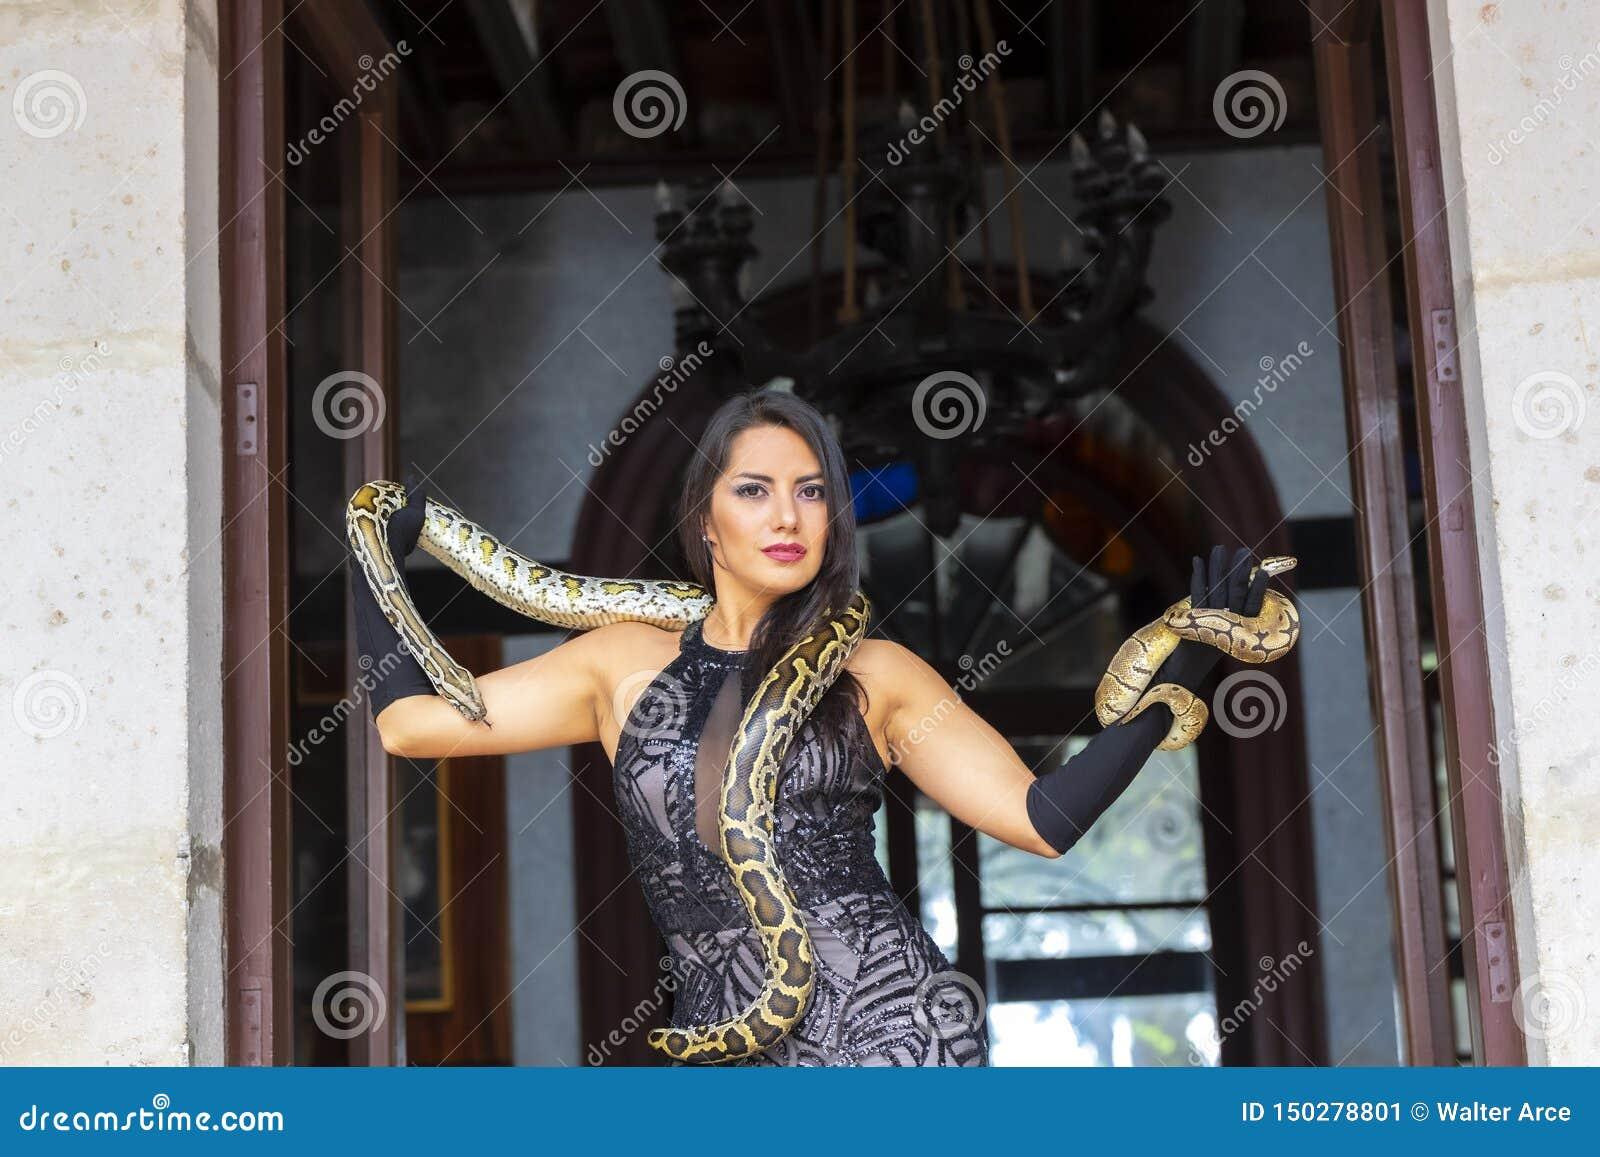 Ένα όμορφο ισπανικό πρότυπο Brunette θέτει με ένα Boa φίδι σφιγκτήρων γύρω από το σώμα της